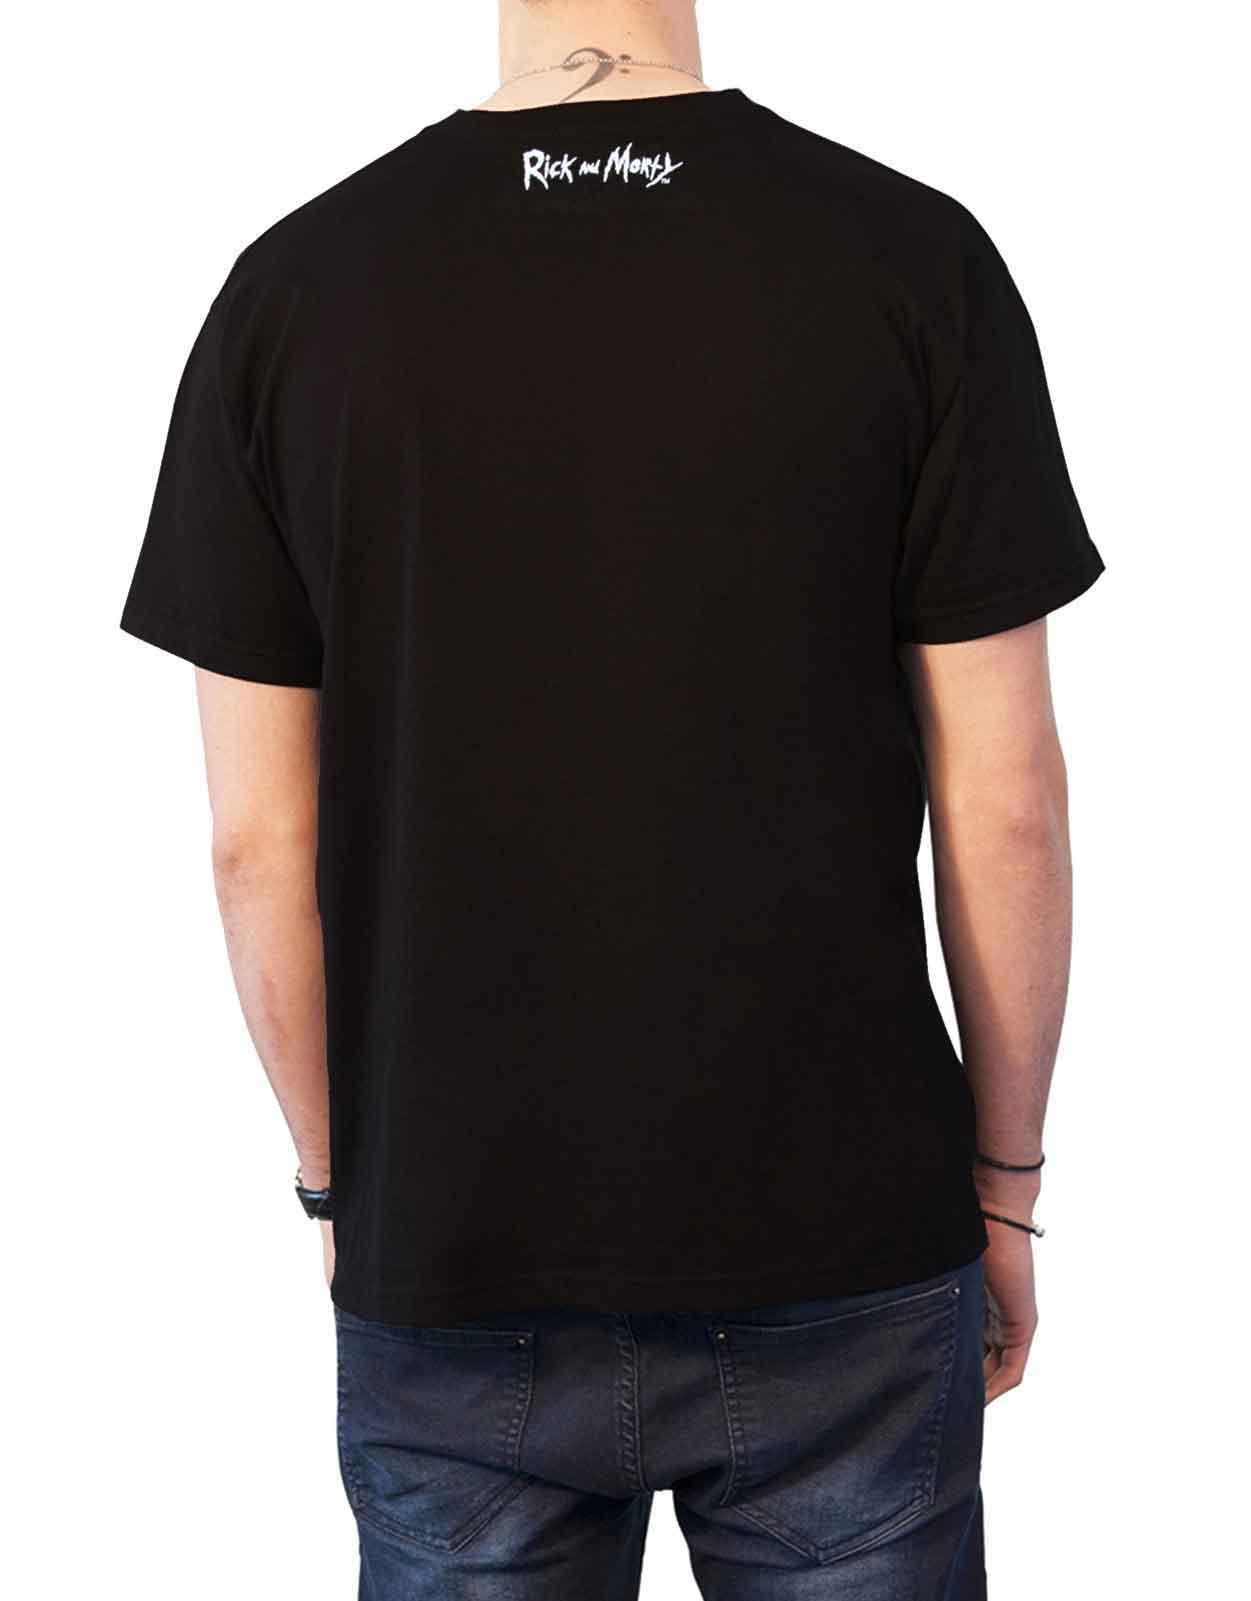 Rick-and-Morty-T-Shirt-Pickle-Rick-Portail-spirale-Wubba-Lubba-nouveau-officiel-Homme miniature 27